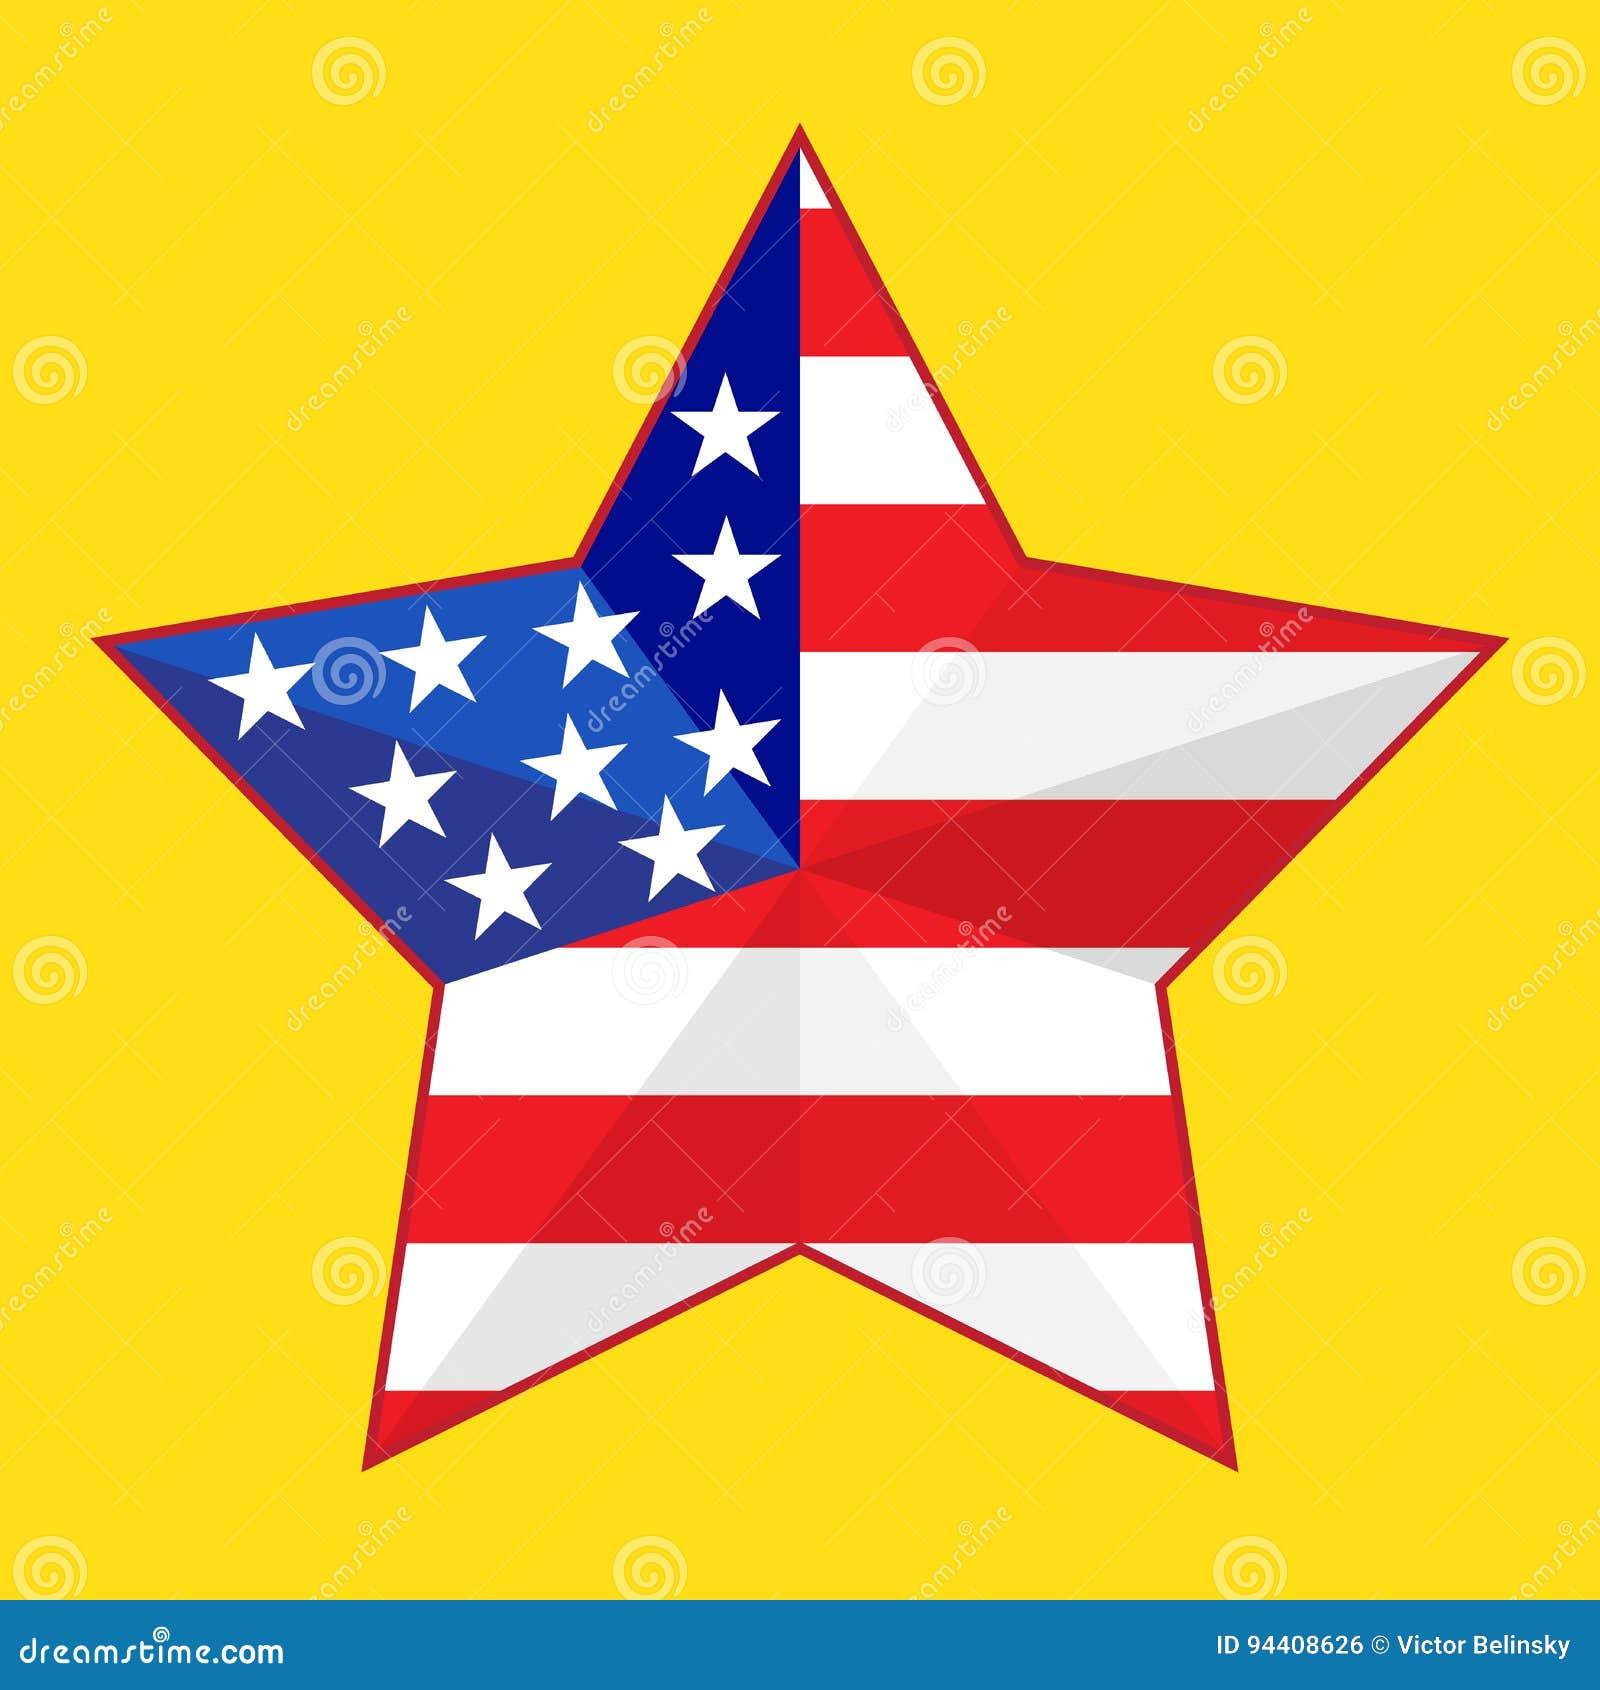 Stern Mit Der Flagge Von Amerika Rot Und Blau Auf Einem